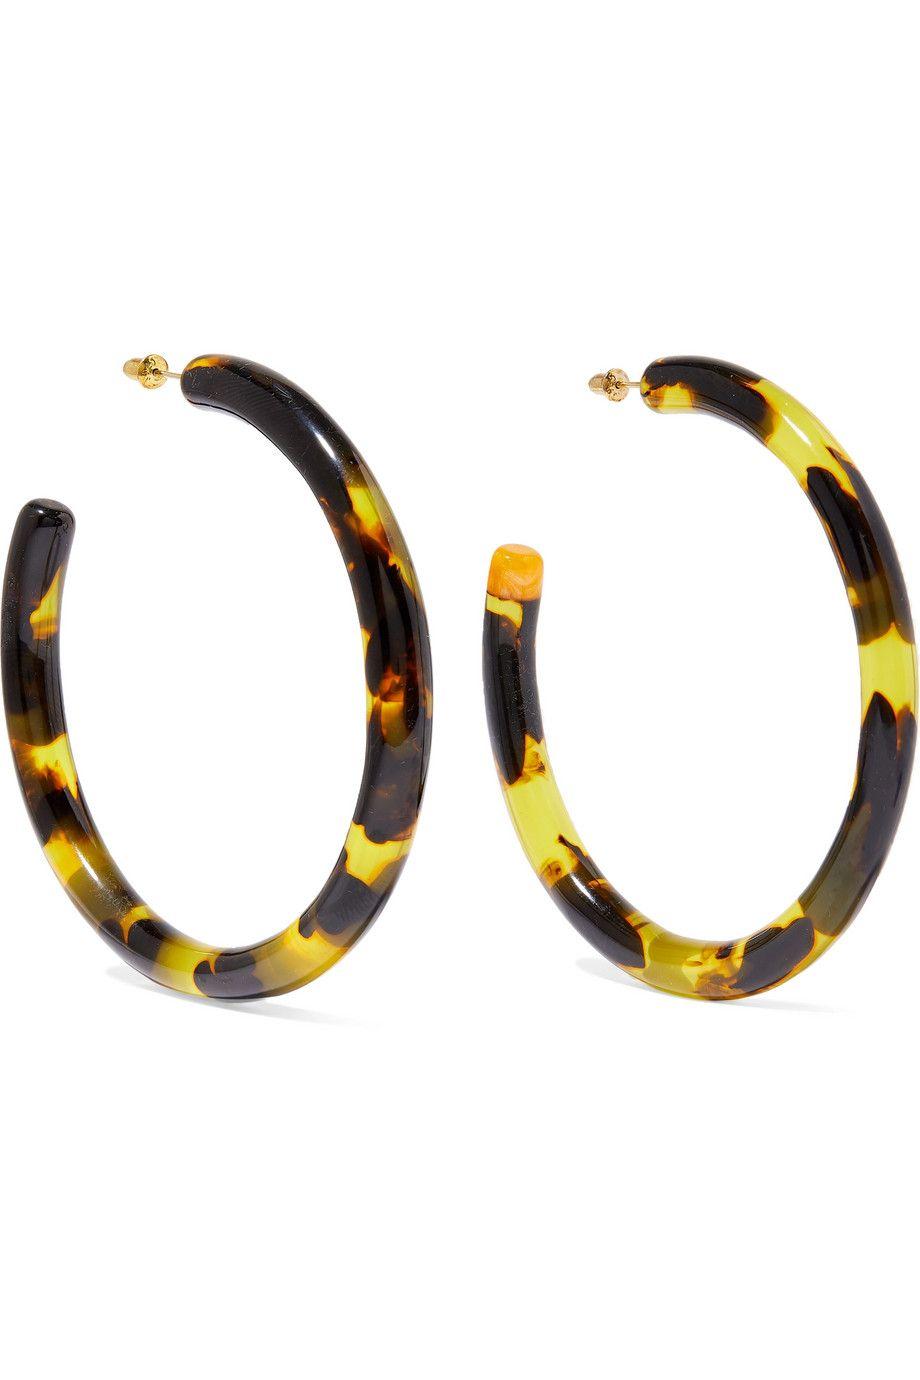 Geneva oversized tortoiseshell acrylic hoop earrings